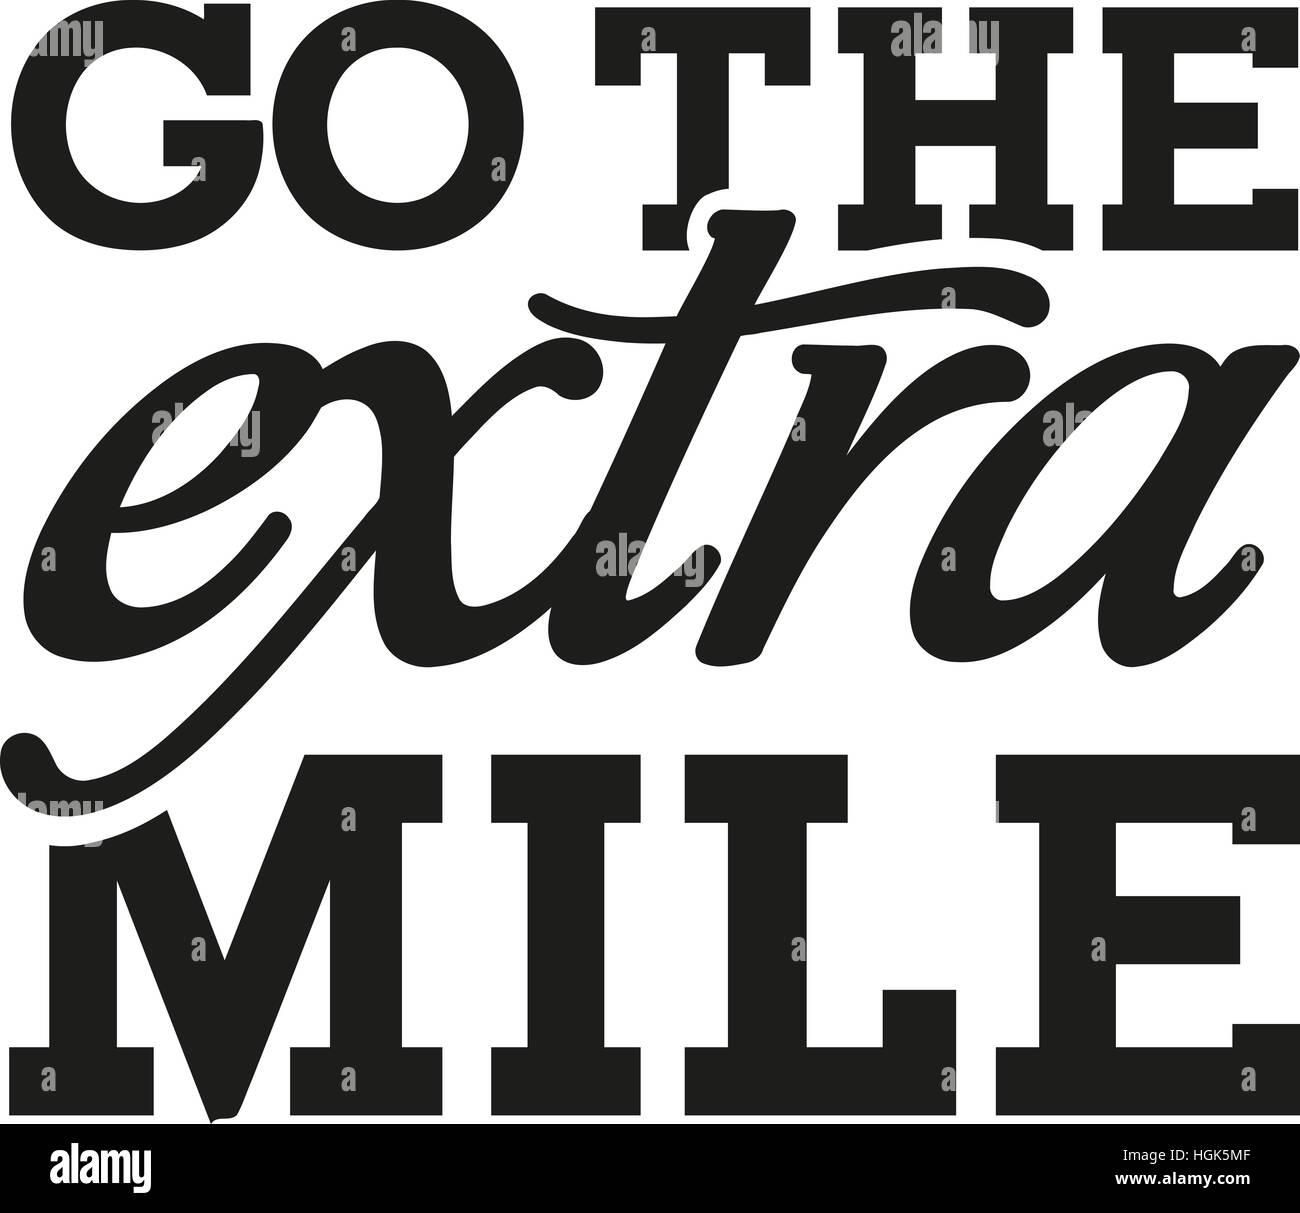 Go the extra mile - motivational saying - Stock Image